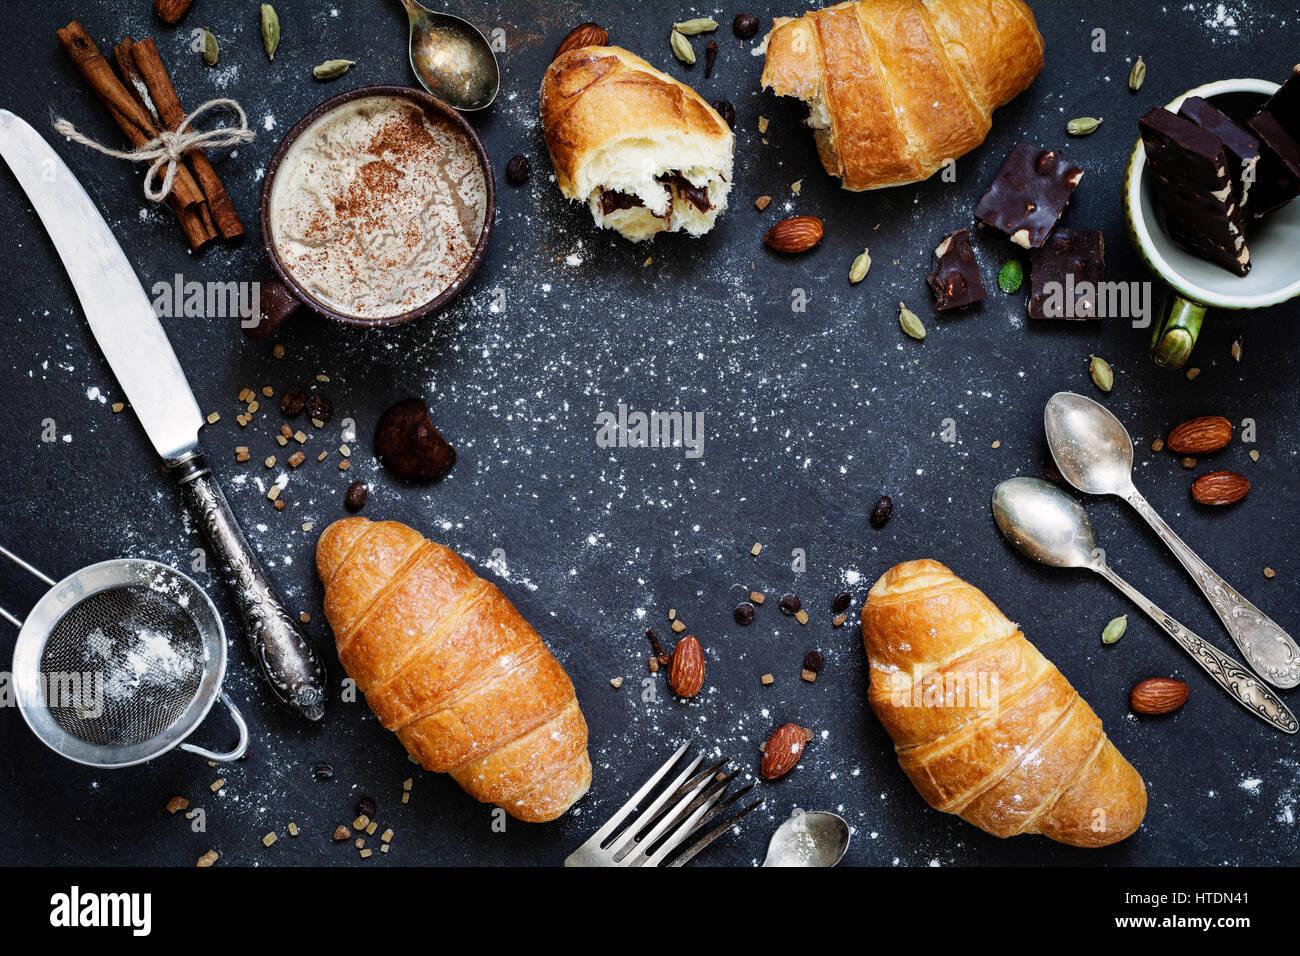 Café, cruasanes, chocolate, especias, nueces y vintage cubiertos. Composición de laicos plana dulce desayuno comida Foto de stock